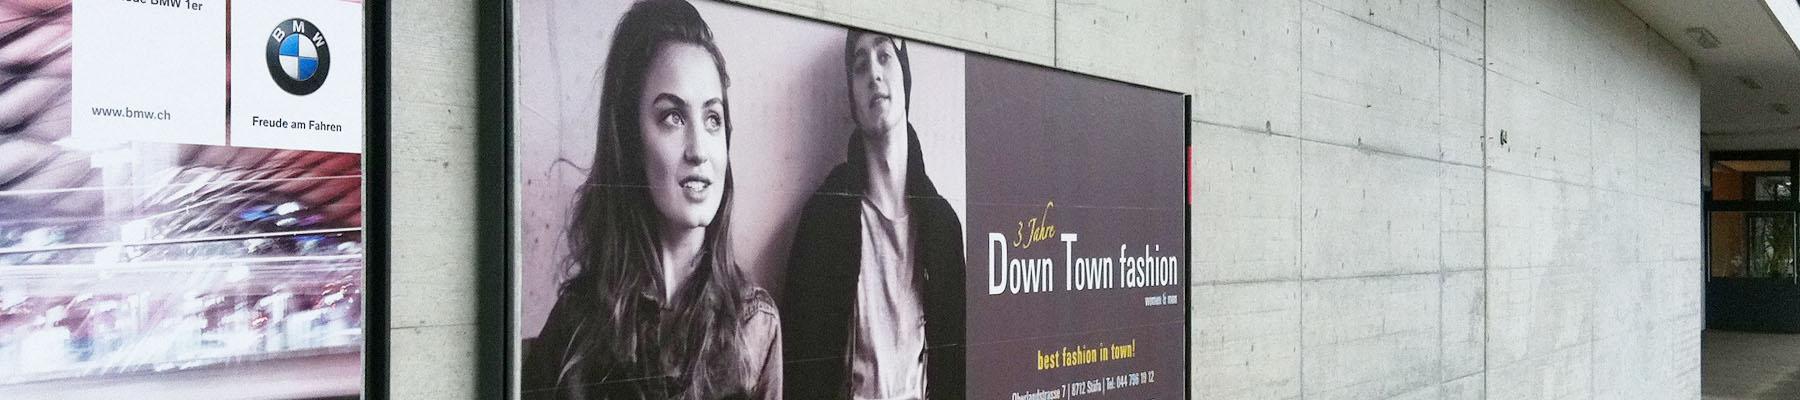 Plakat Down Town fashion